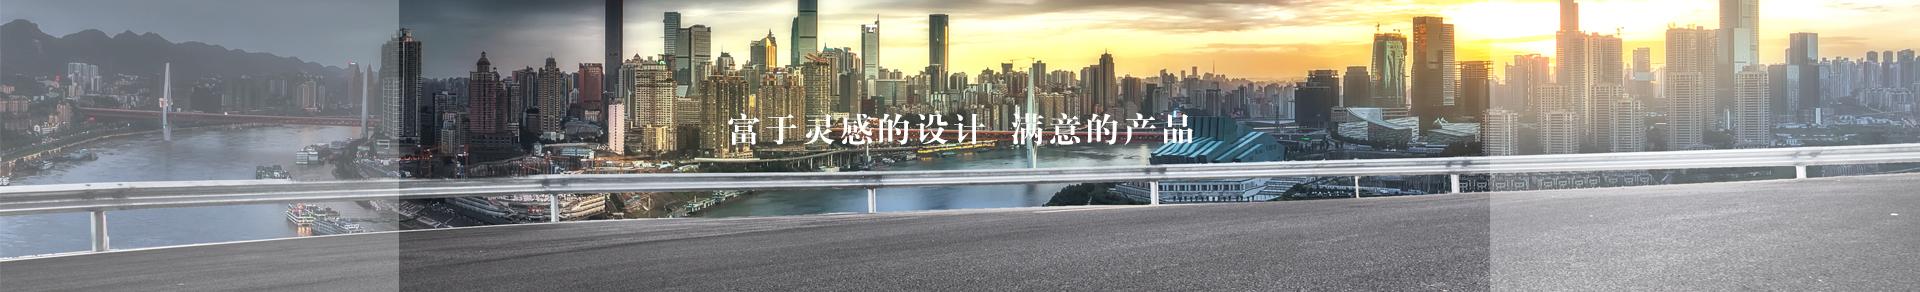 滨州电动车电机生产制造,蚌埠电摩电机哪家好